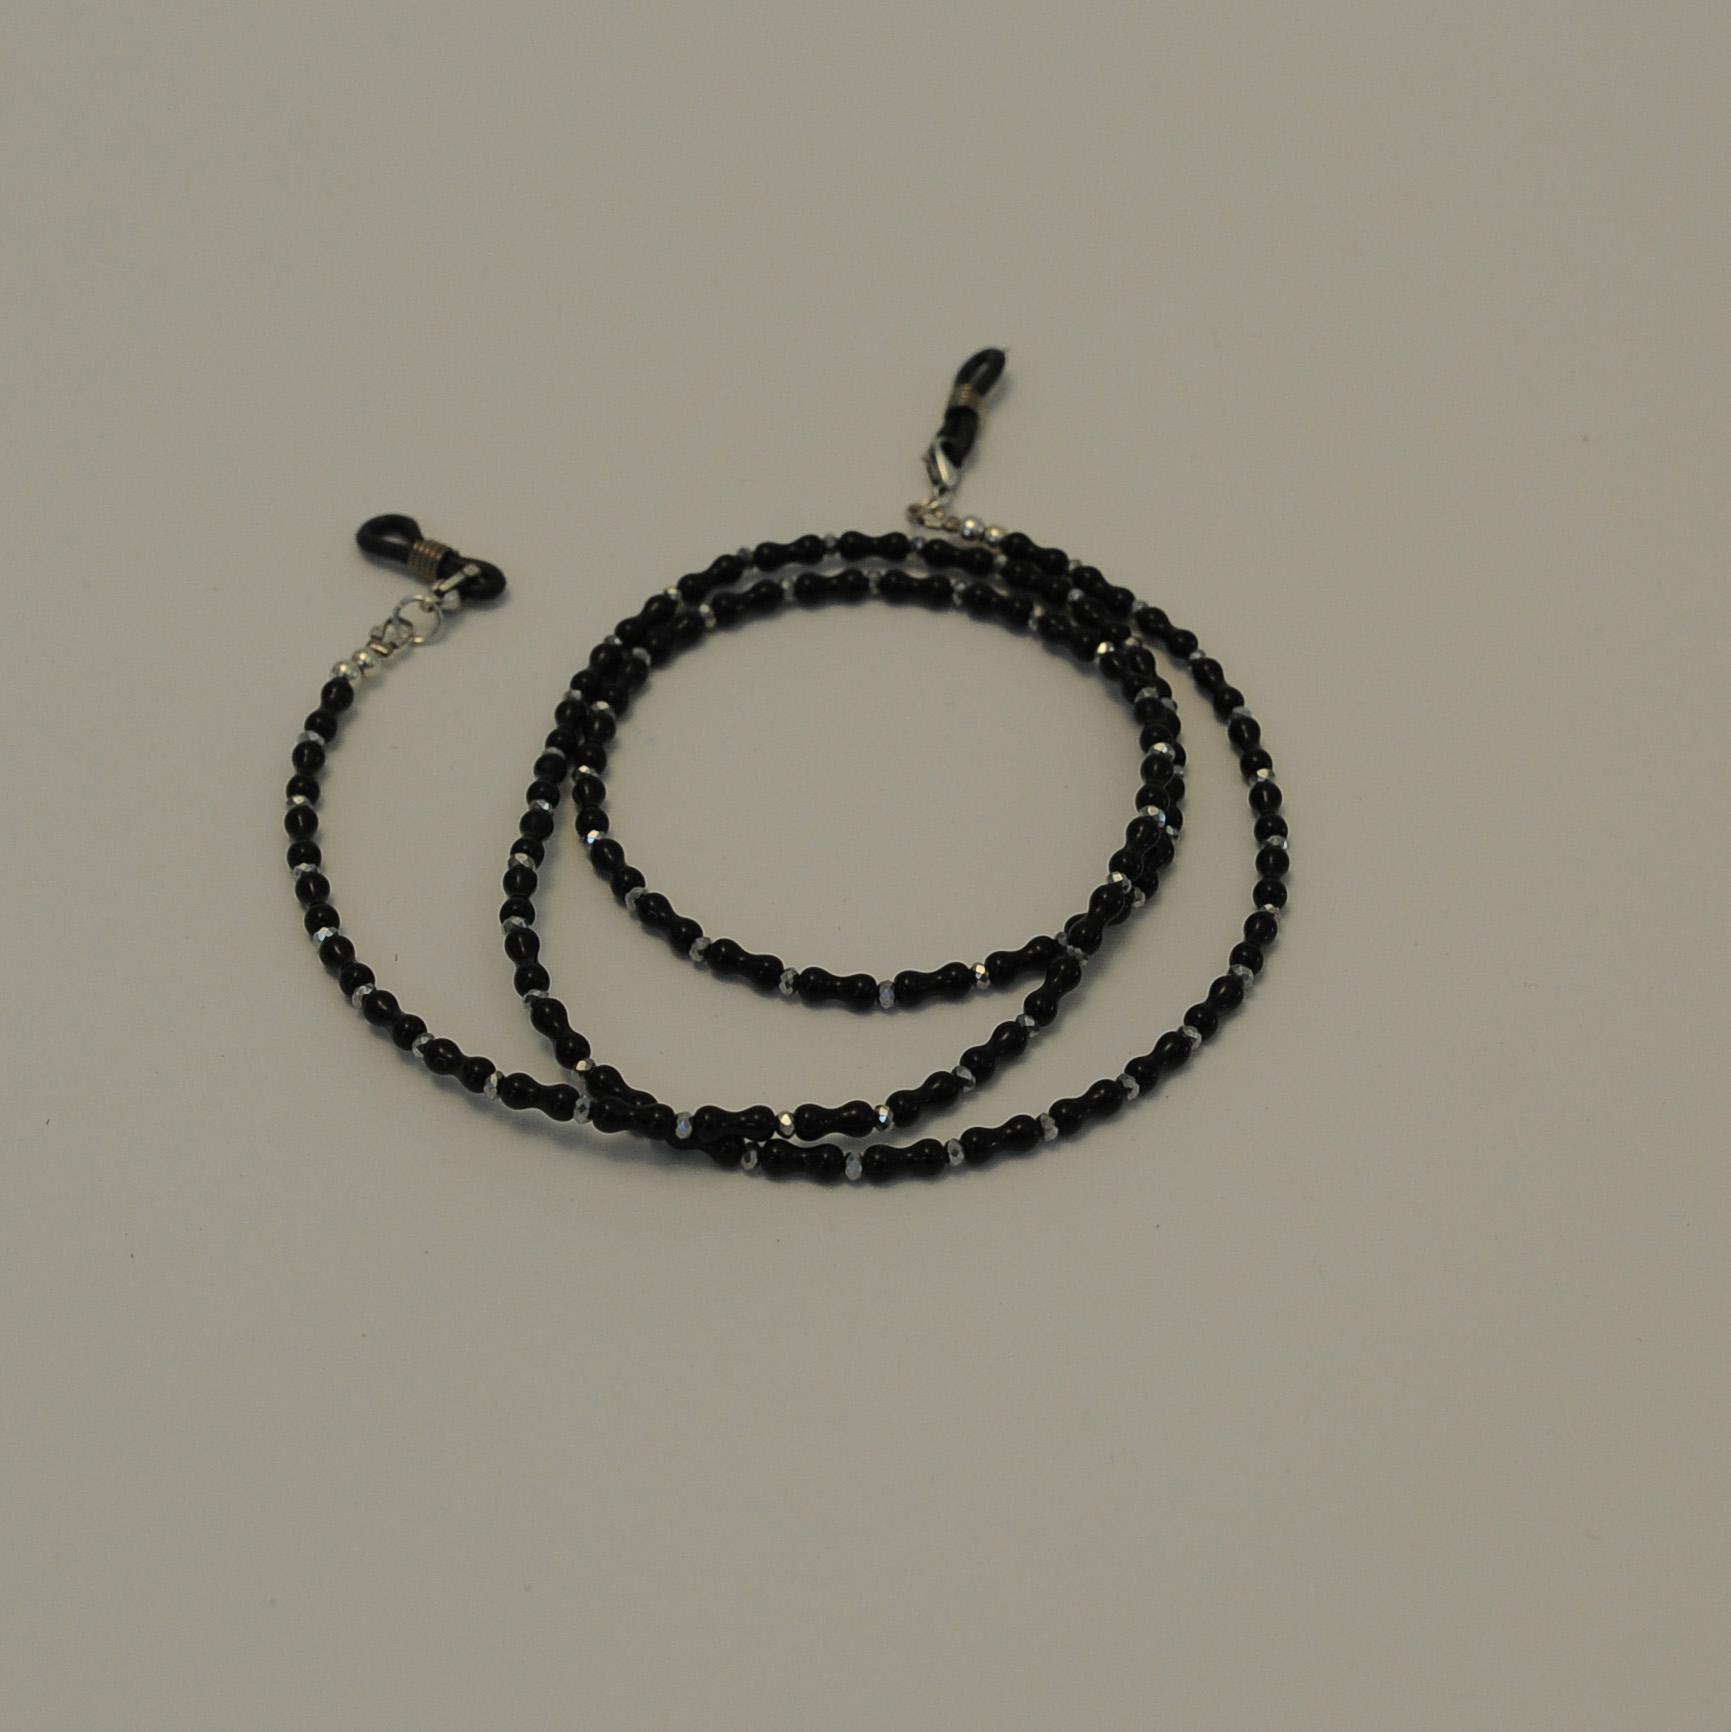 5e2810deb6 Χειροποίητο κορδόνι γυαλιών με γυάλινες μαύρες-ασημί χάντρες – Twinsart.gr